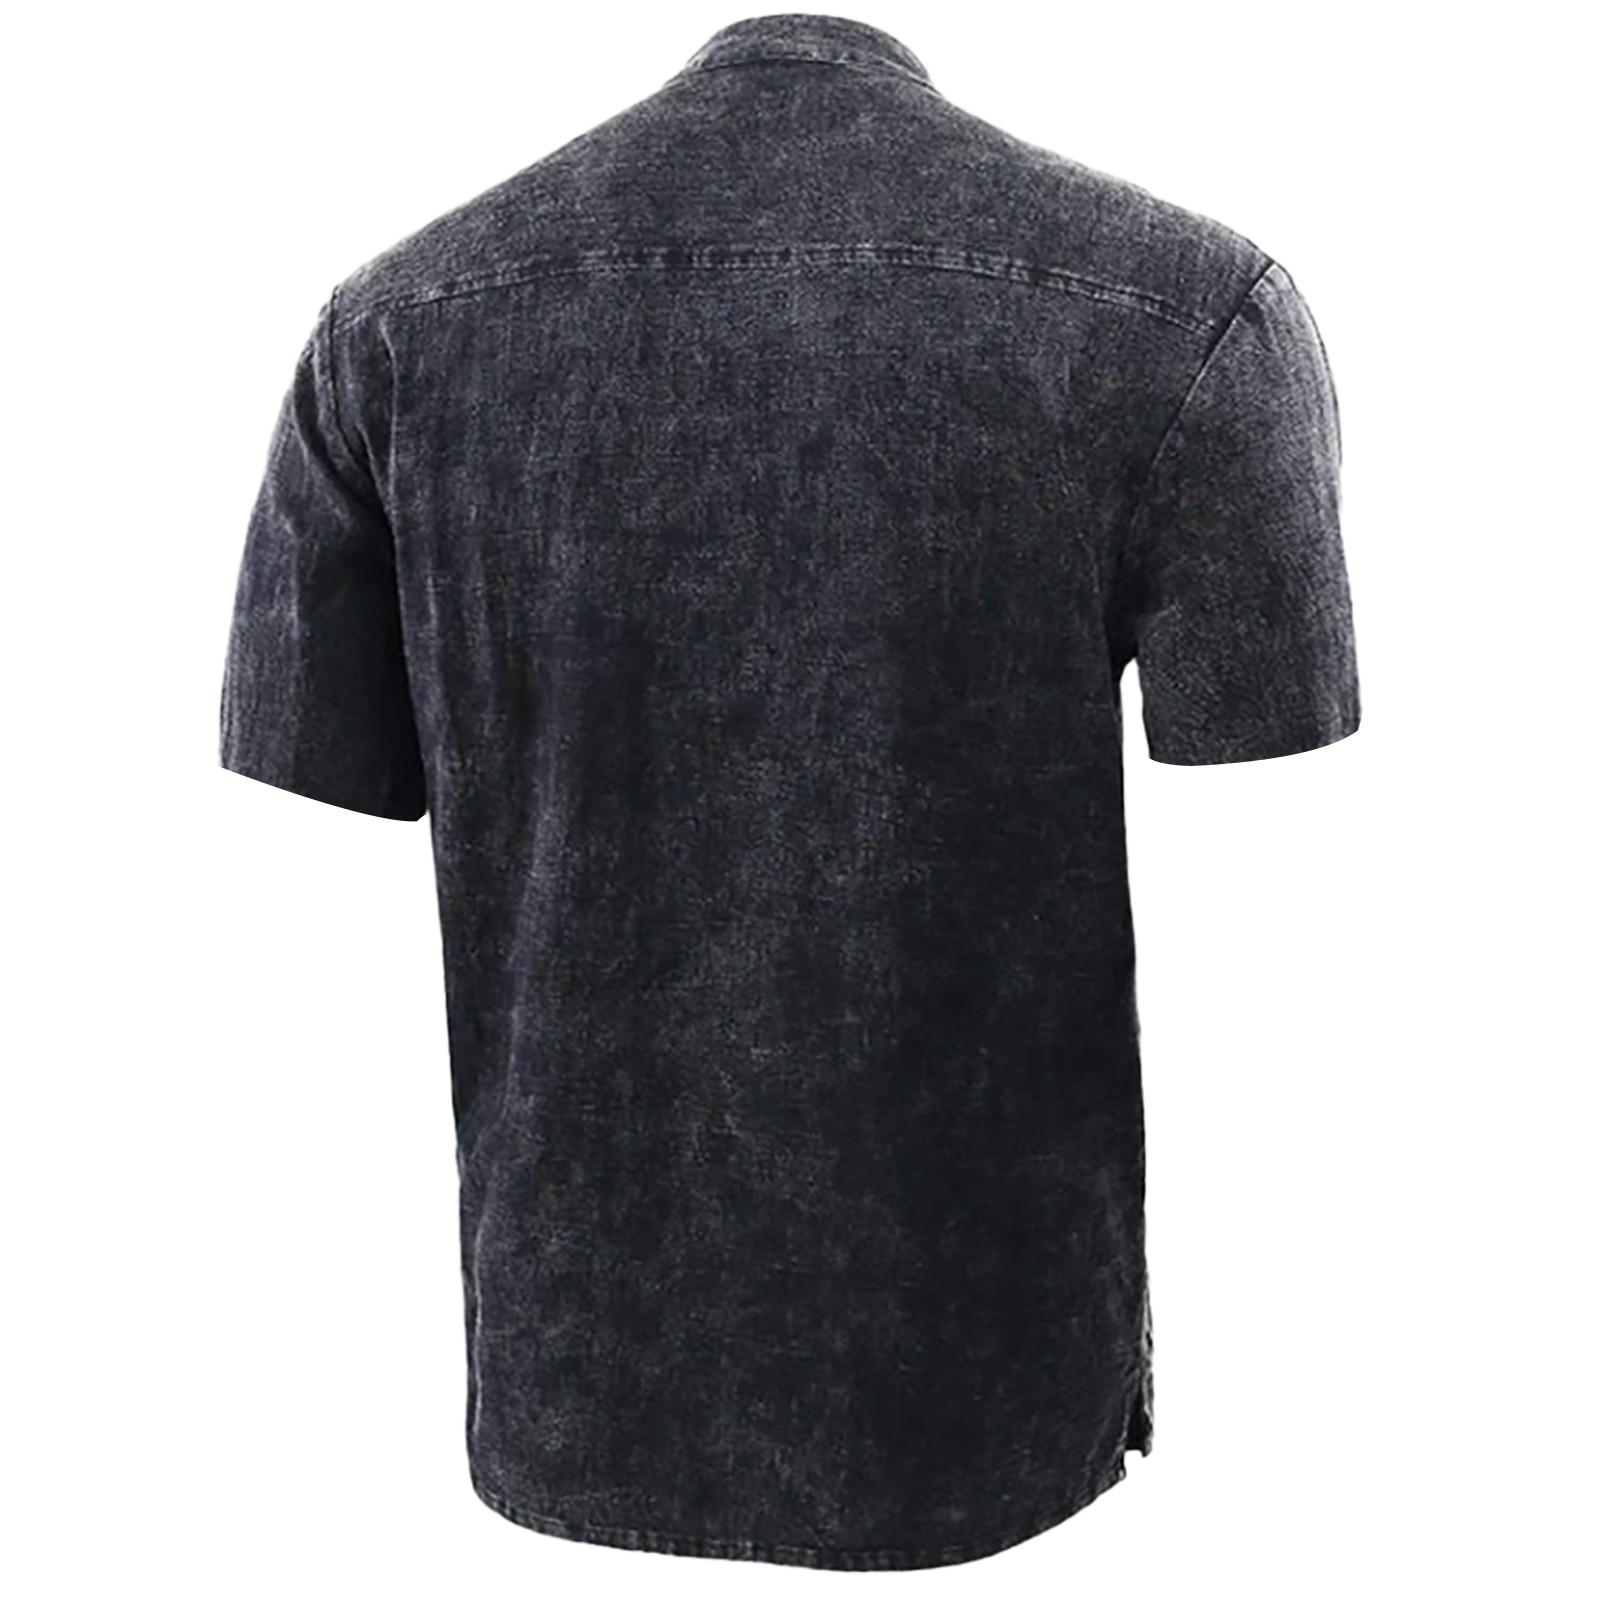 Men's T Shirt Casual Pure Color Short Sleeve Linen-cotton  2